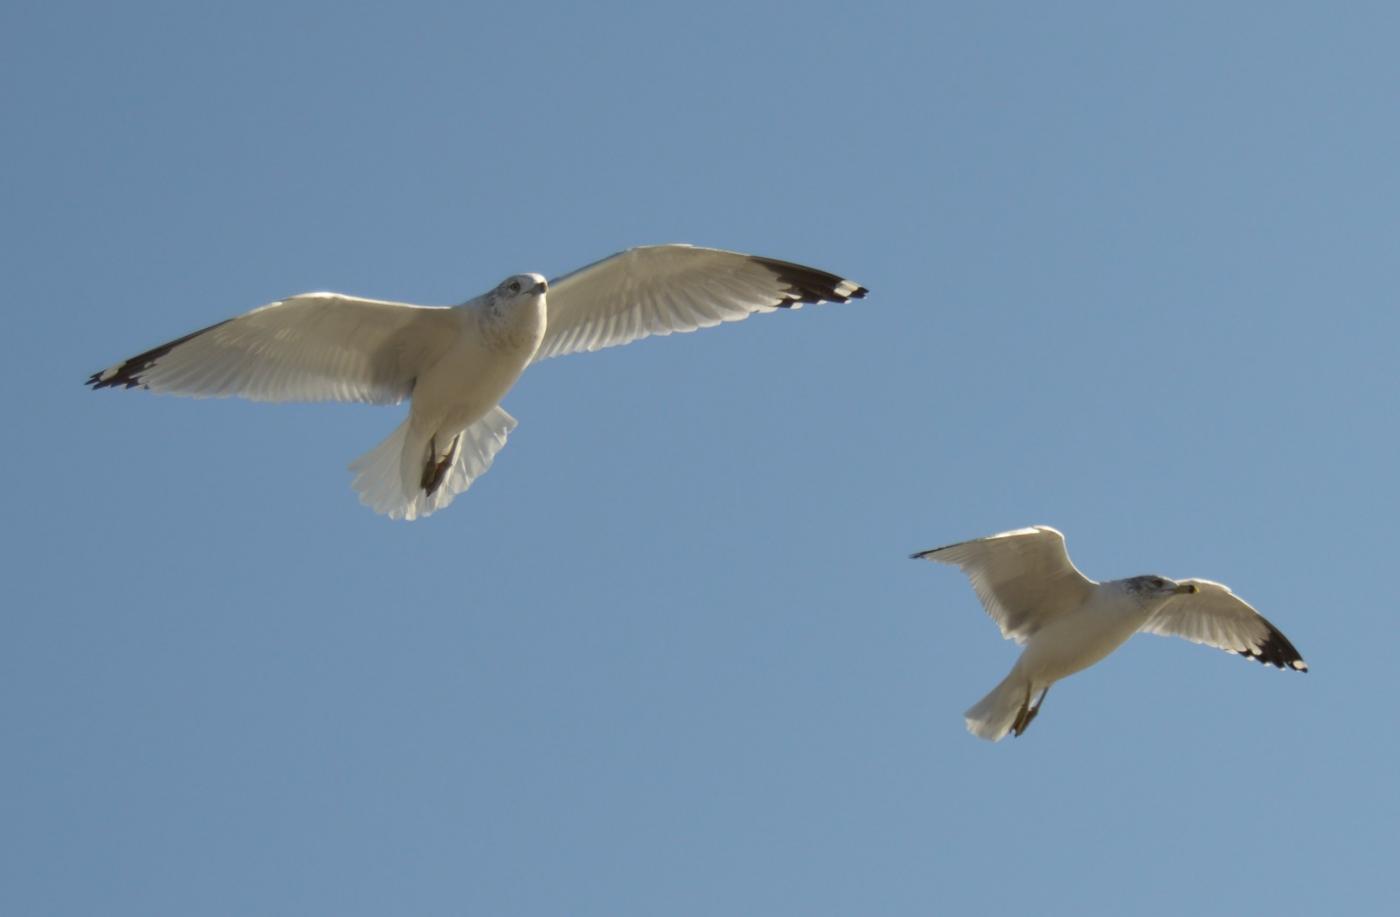 海鸥飞翔_图1-26